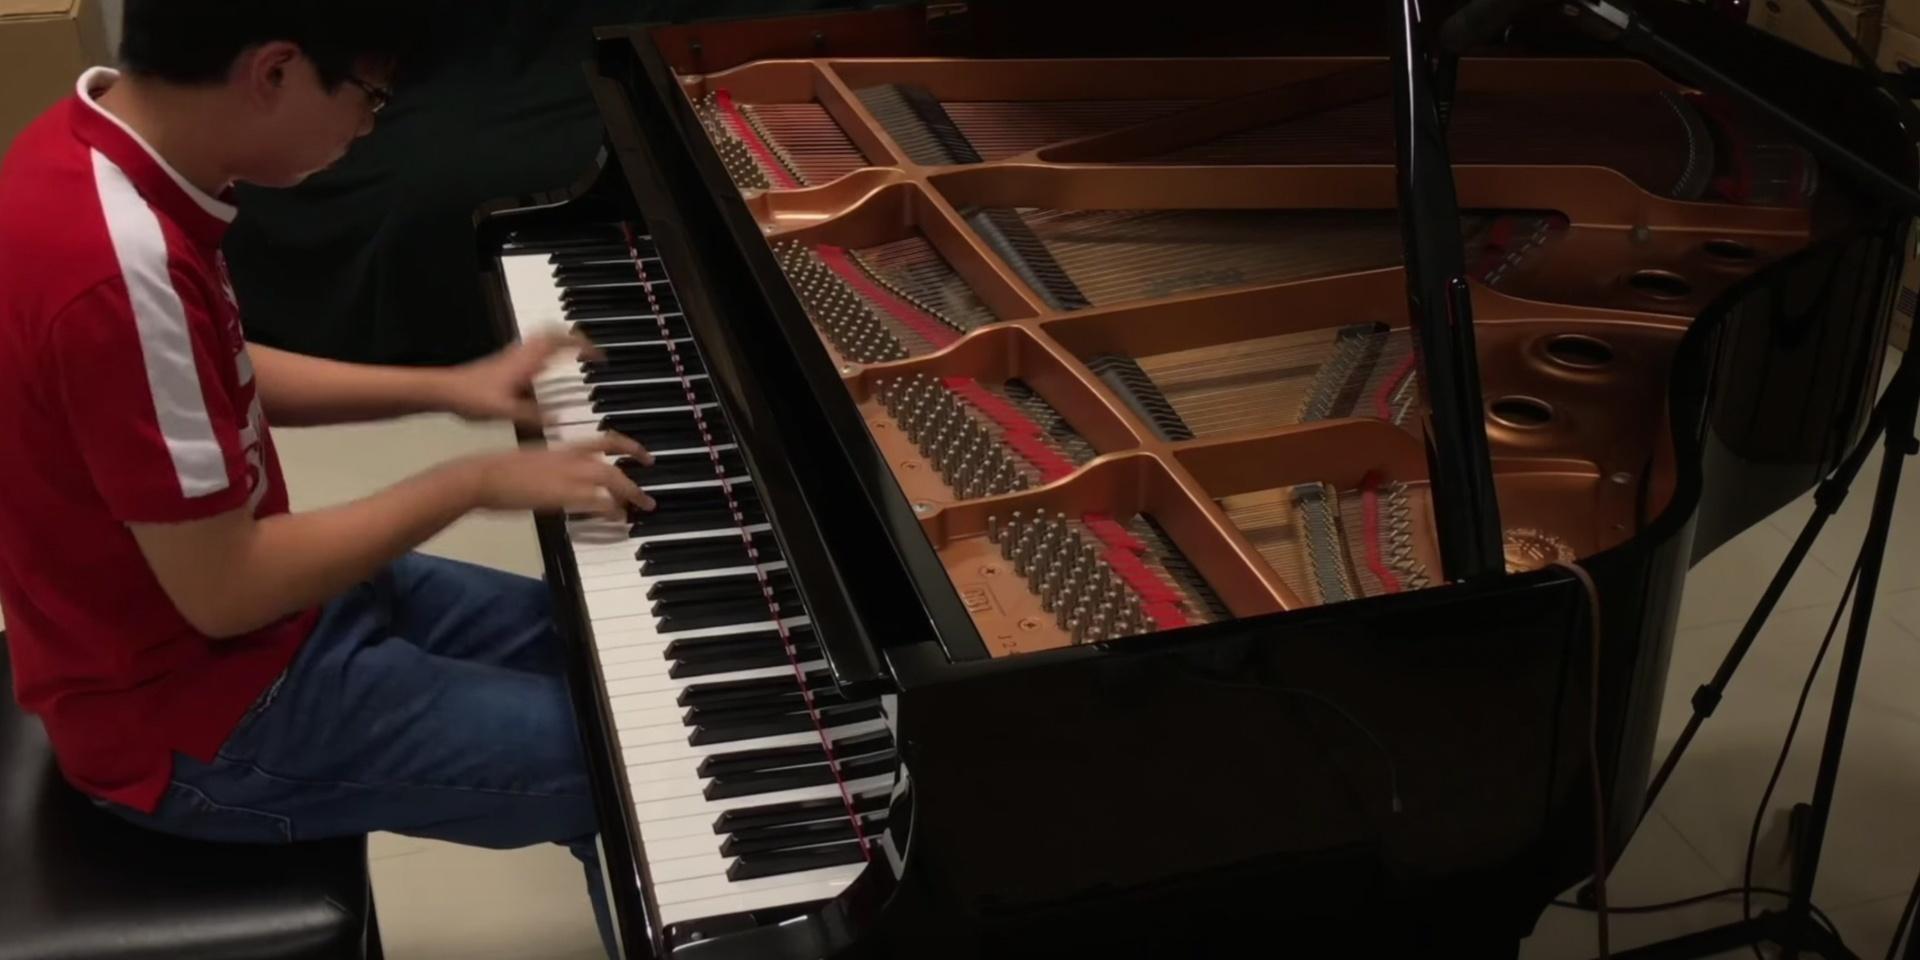 年仅16岁 本地钢琴才子Pianominion弹奏国庆组曲